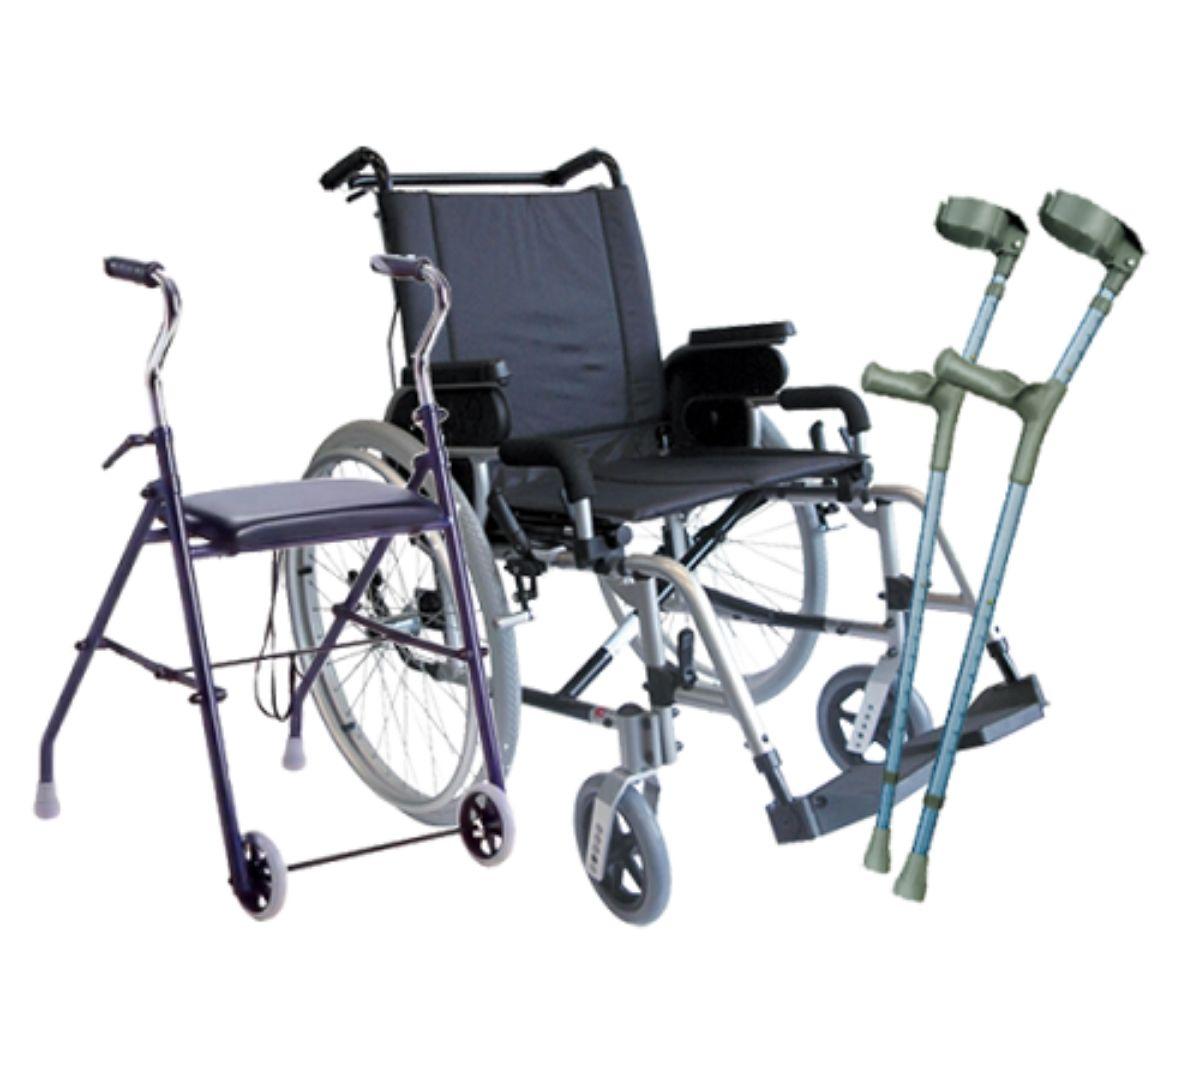 Ausili per il passeggio - Officine-Ortopediche.com